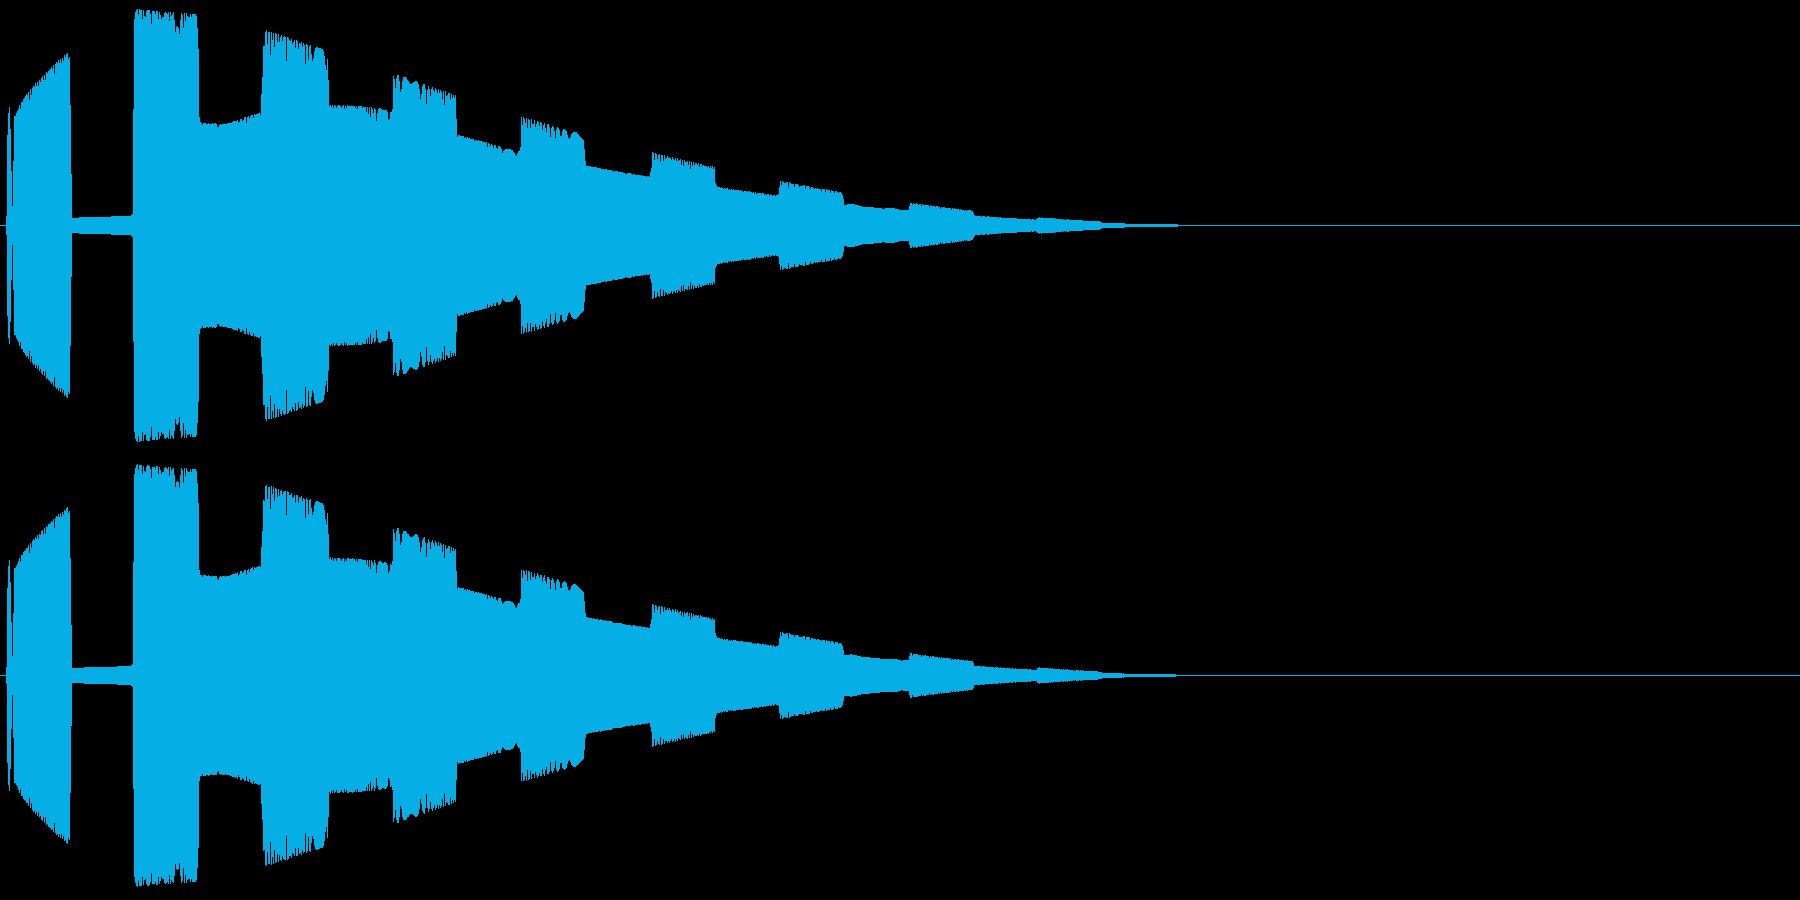 SFレーダー音(敵接近警告音01)の再生済みの波形